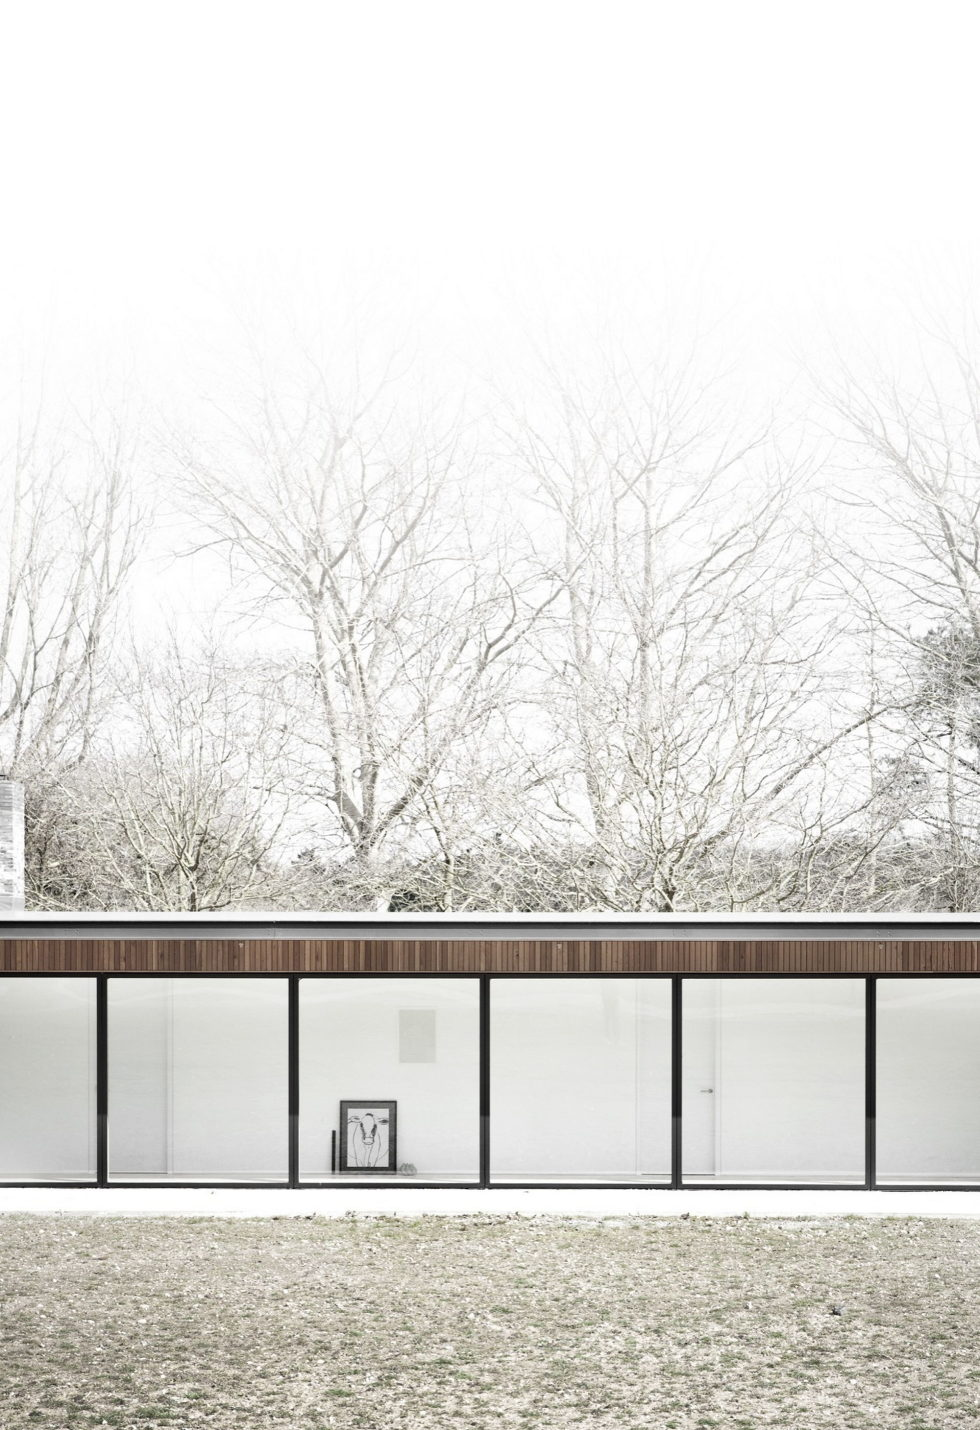 reydon-grove-farm-the-farm-house-in-great-britain-3